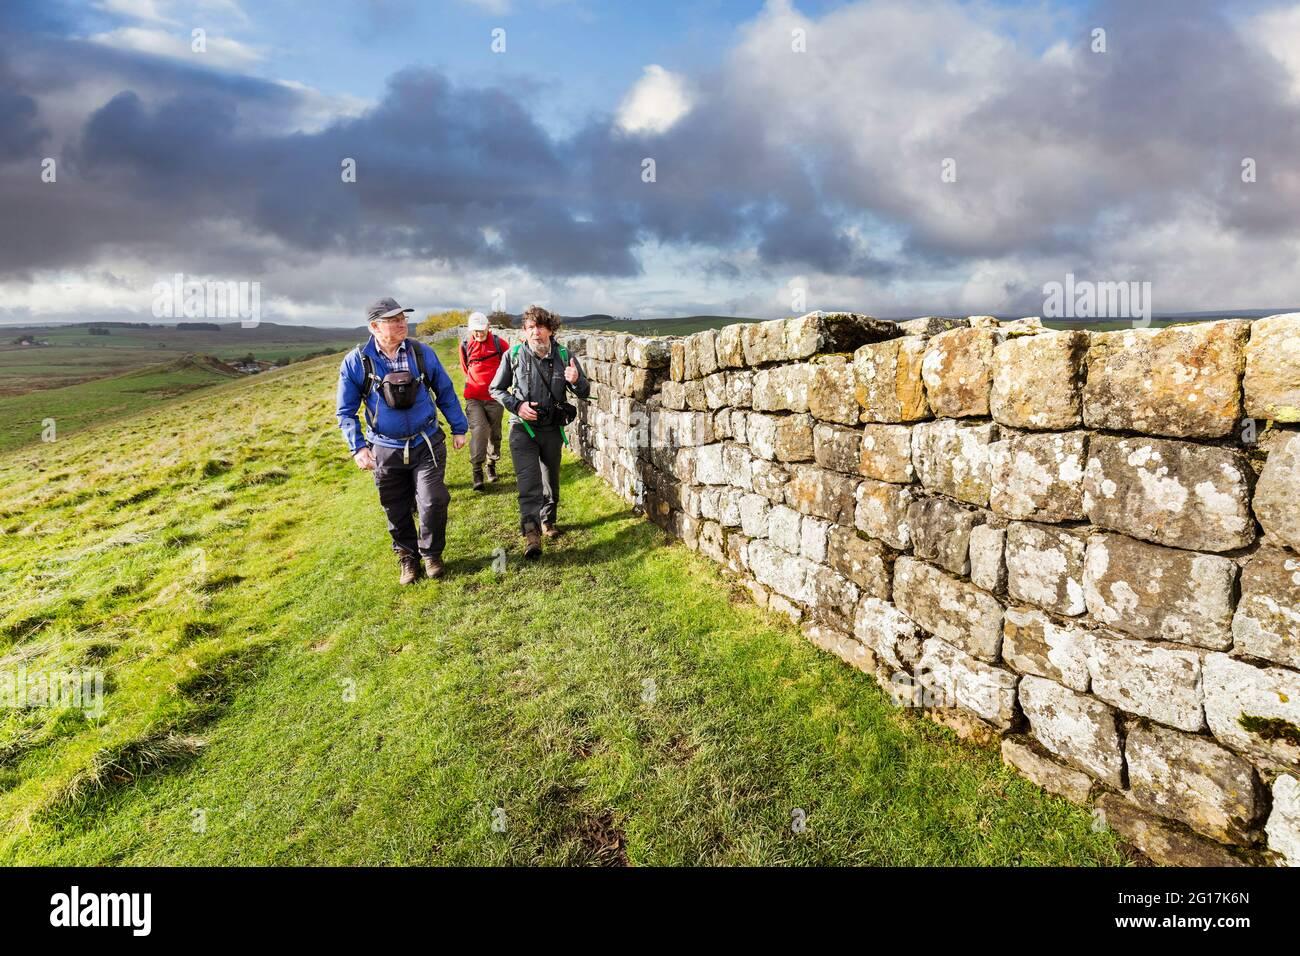 Marcher sur le sentier le long du mur d'Hadrien, Angleterre, Royaume-Uni Banque D'Images